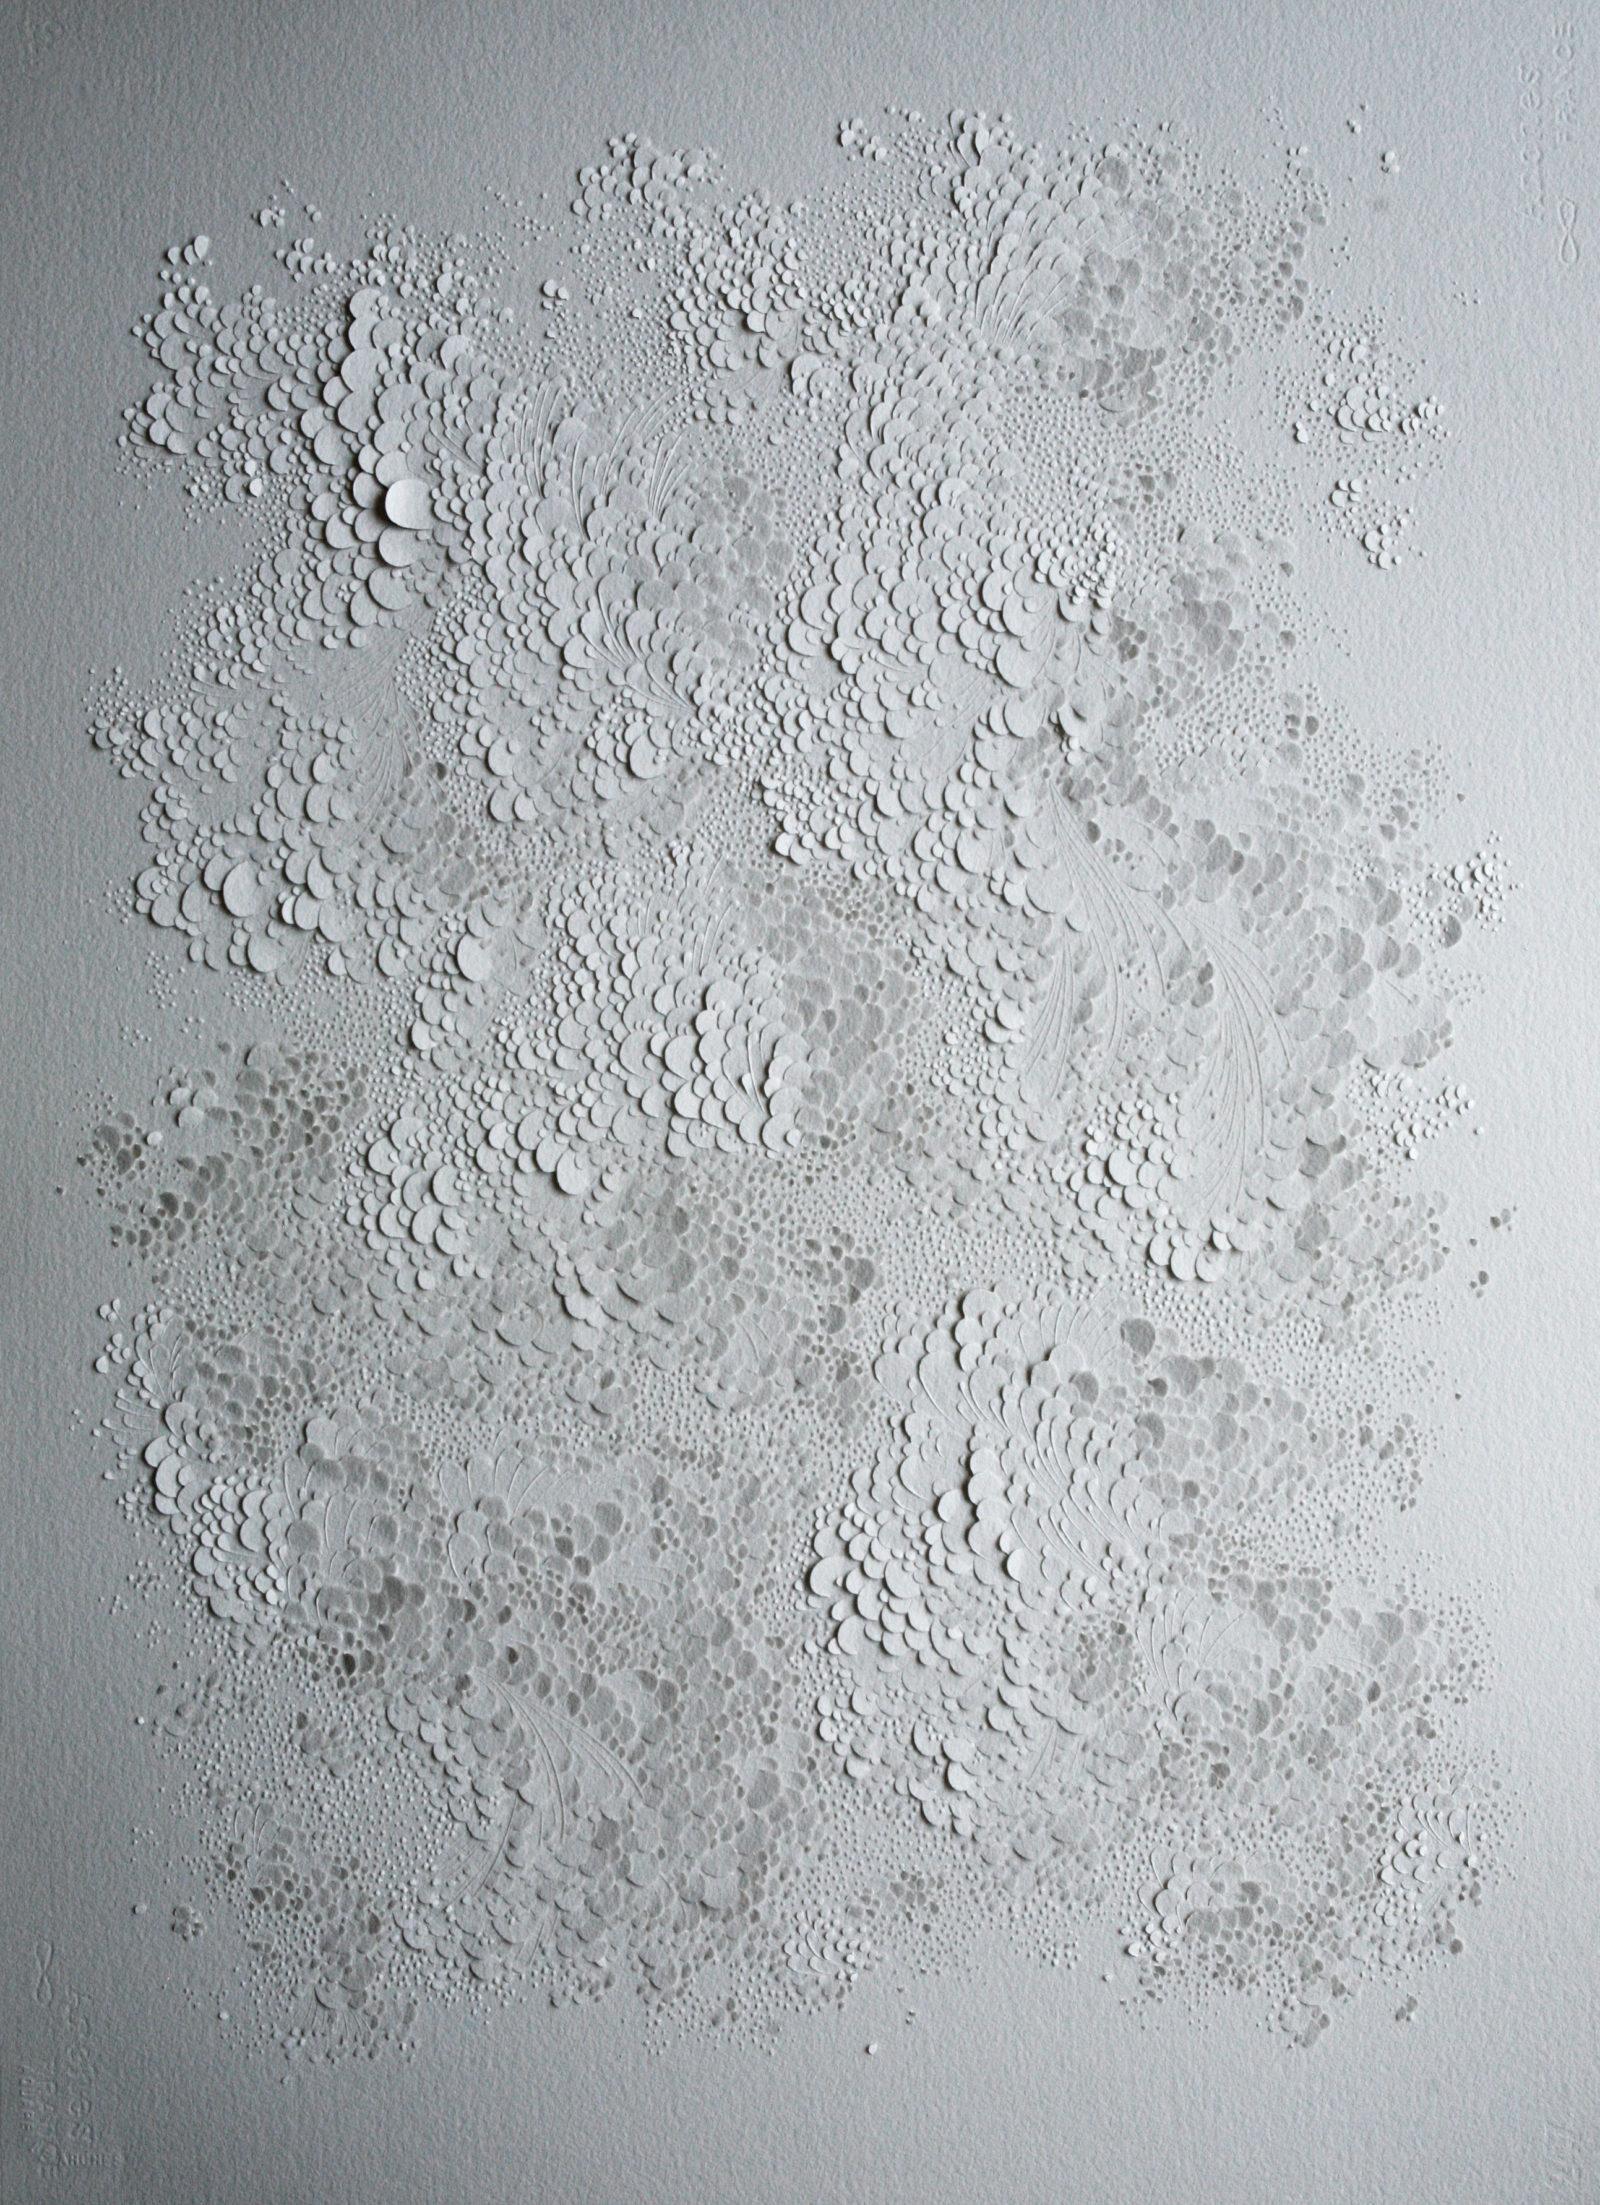 Lauren Collin, Sans titre, Bas relief sculpté sur papier aquarelle